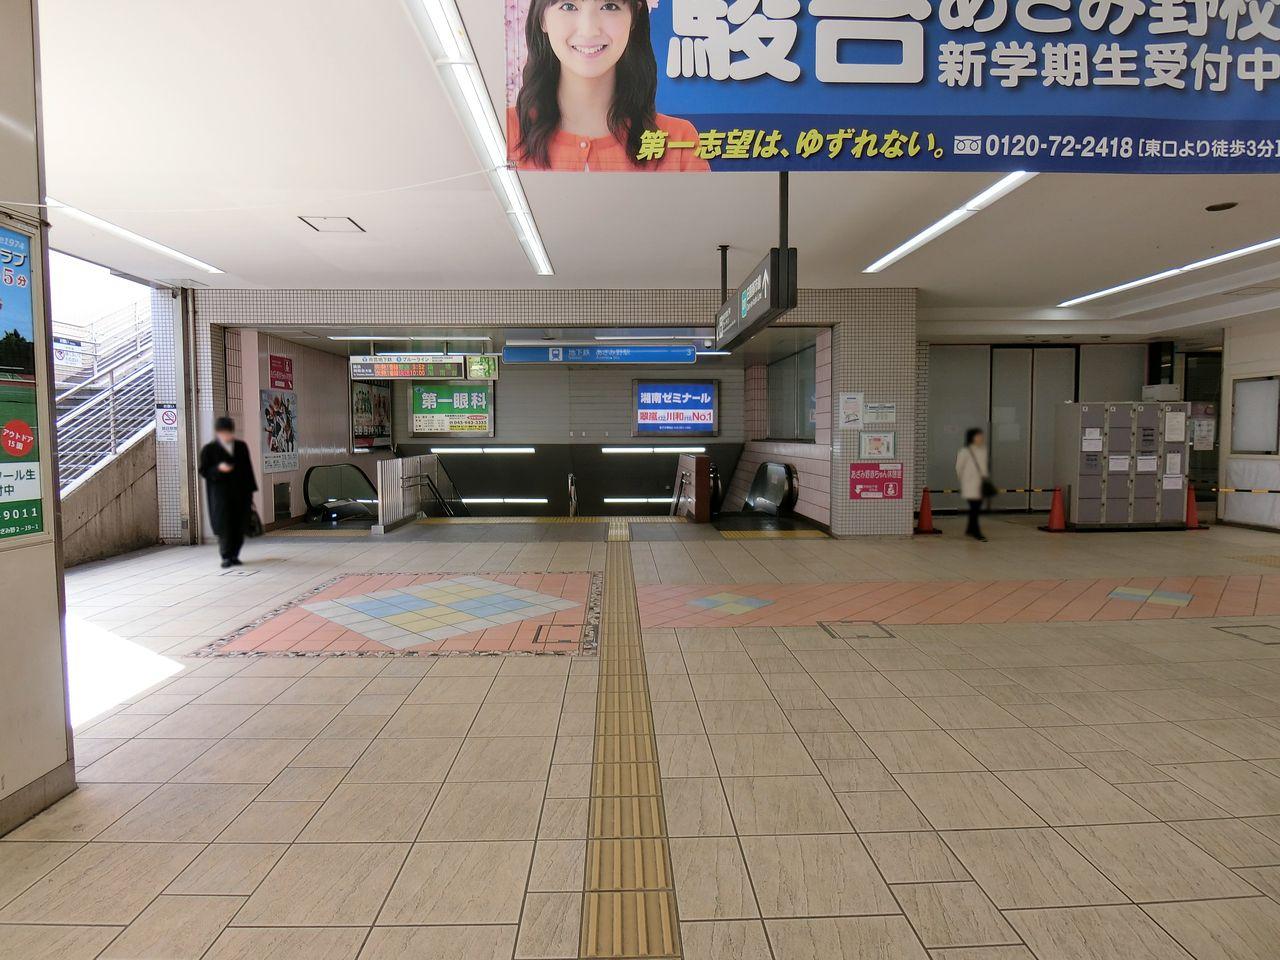 市営地下鉄線のあざみ野駅